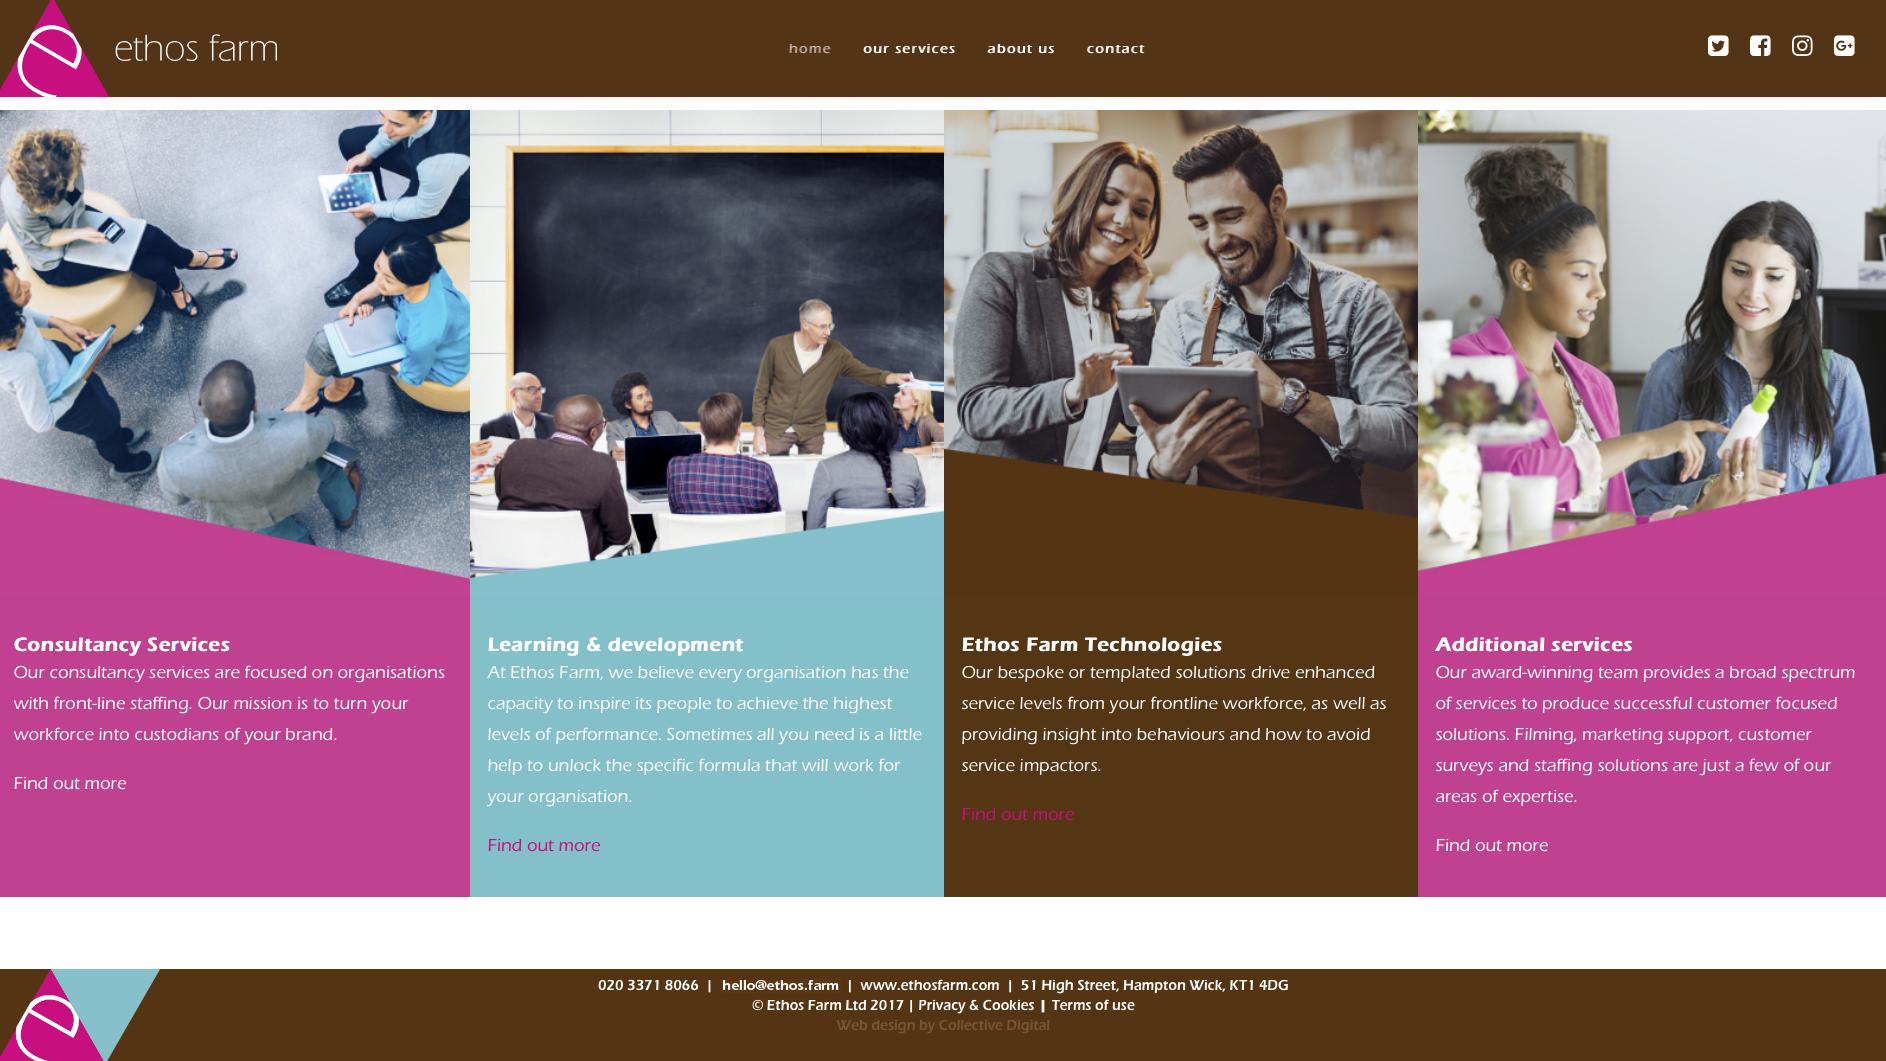 Ethos Farm Home Page